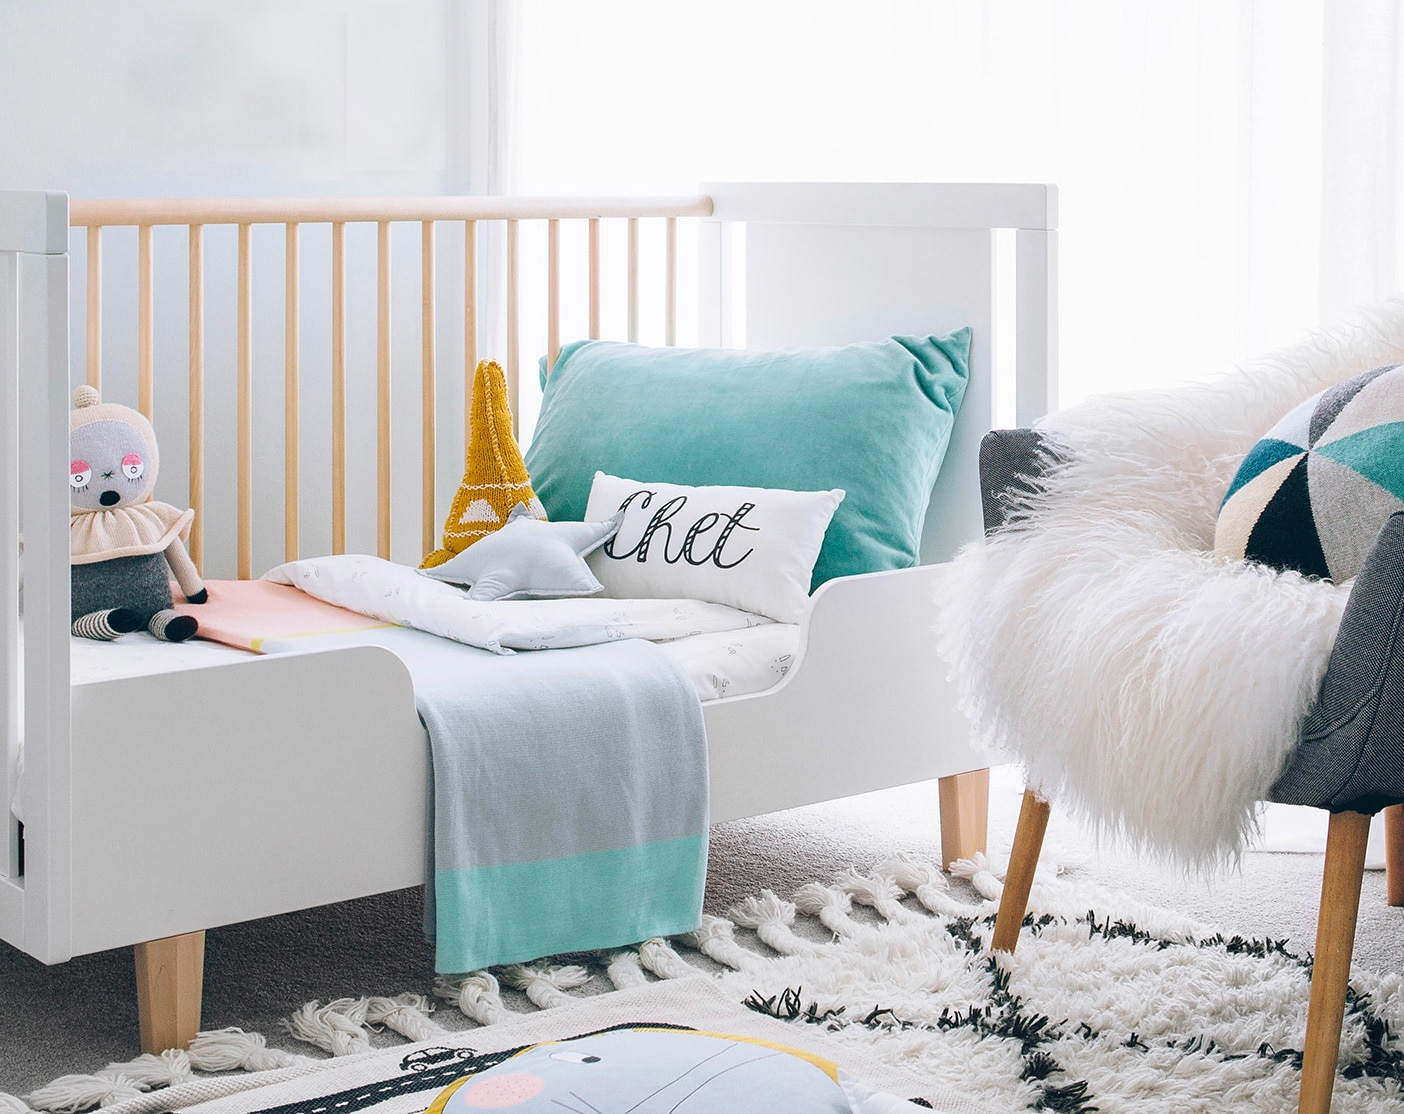 Quel lit après lit bébé?